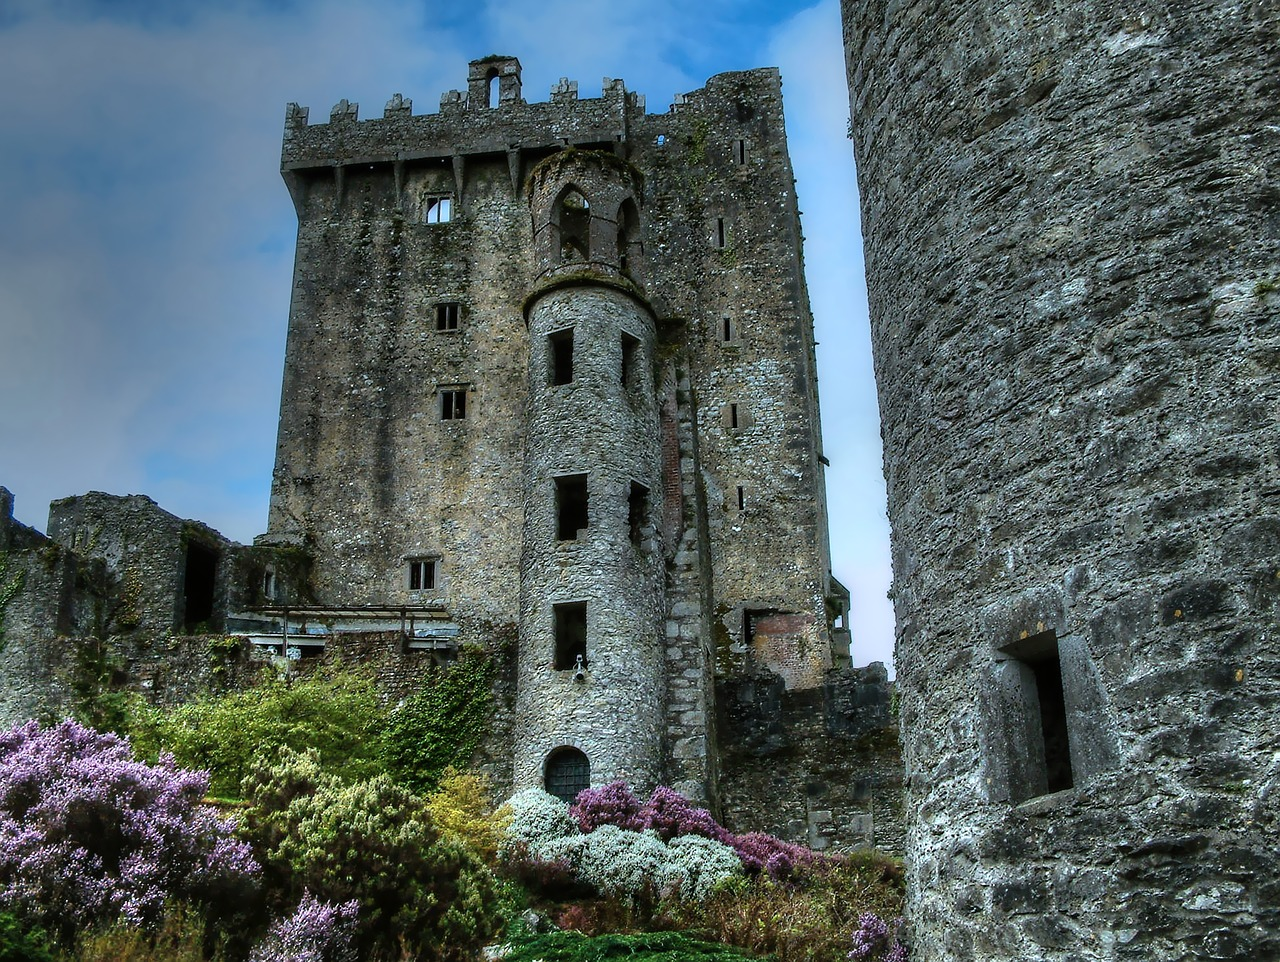 Quantos castelos tem a Irlanda?